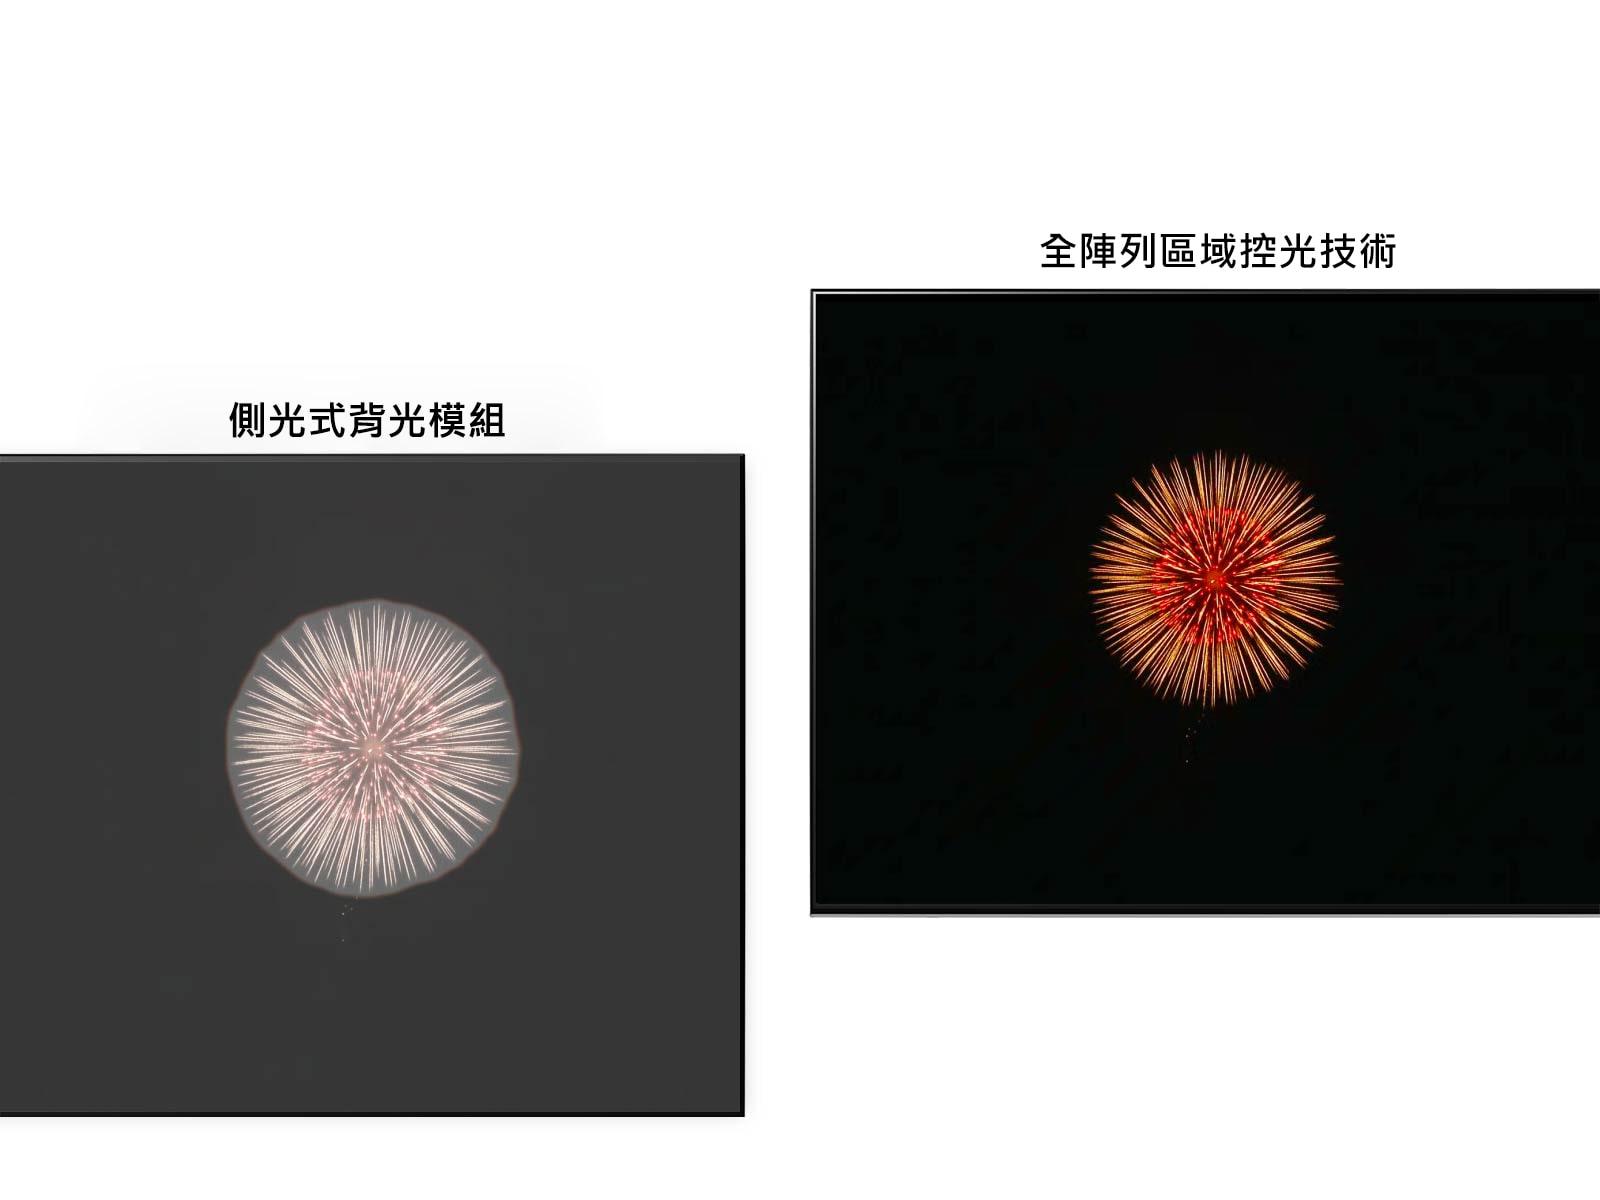 側光式背光模組左側有暈圈效果的局部調光和右側全陣列調光,有更深的黑色和更小的暈圈(播放影片)的比較。